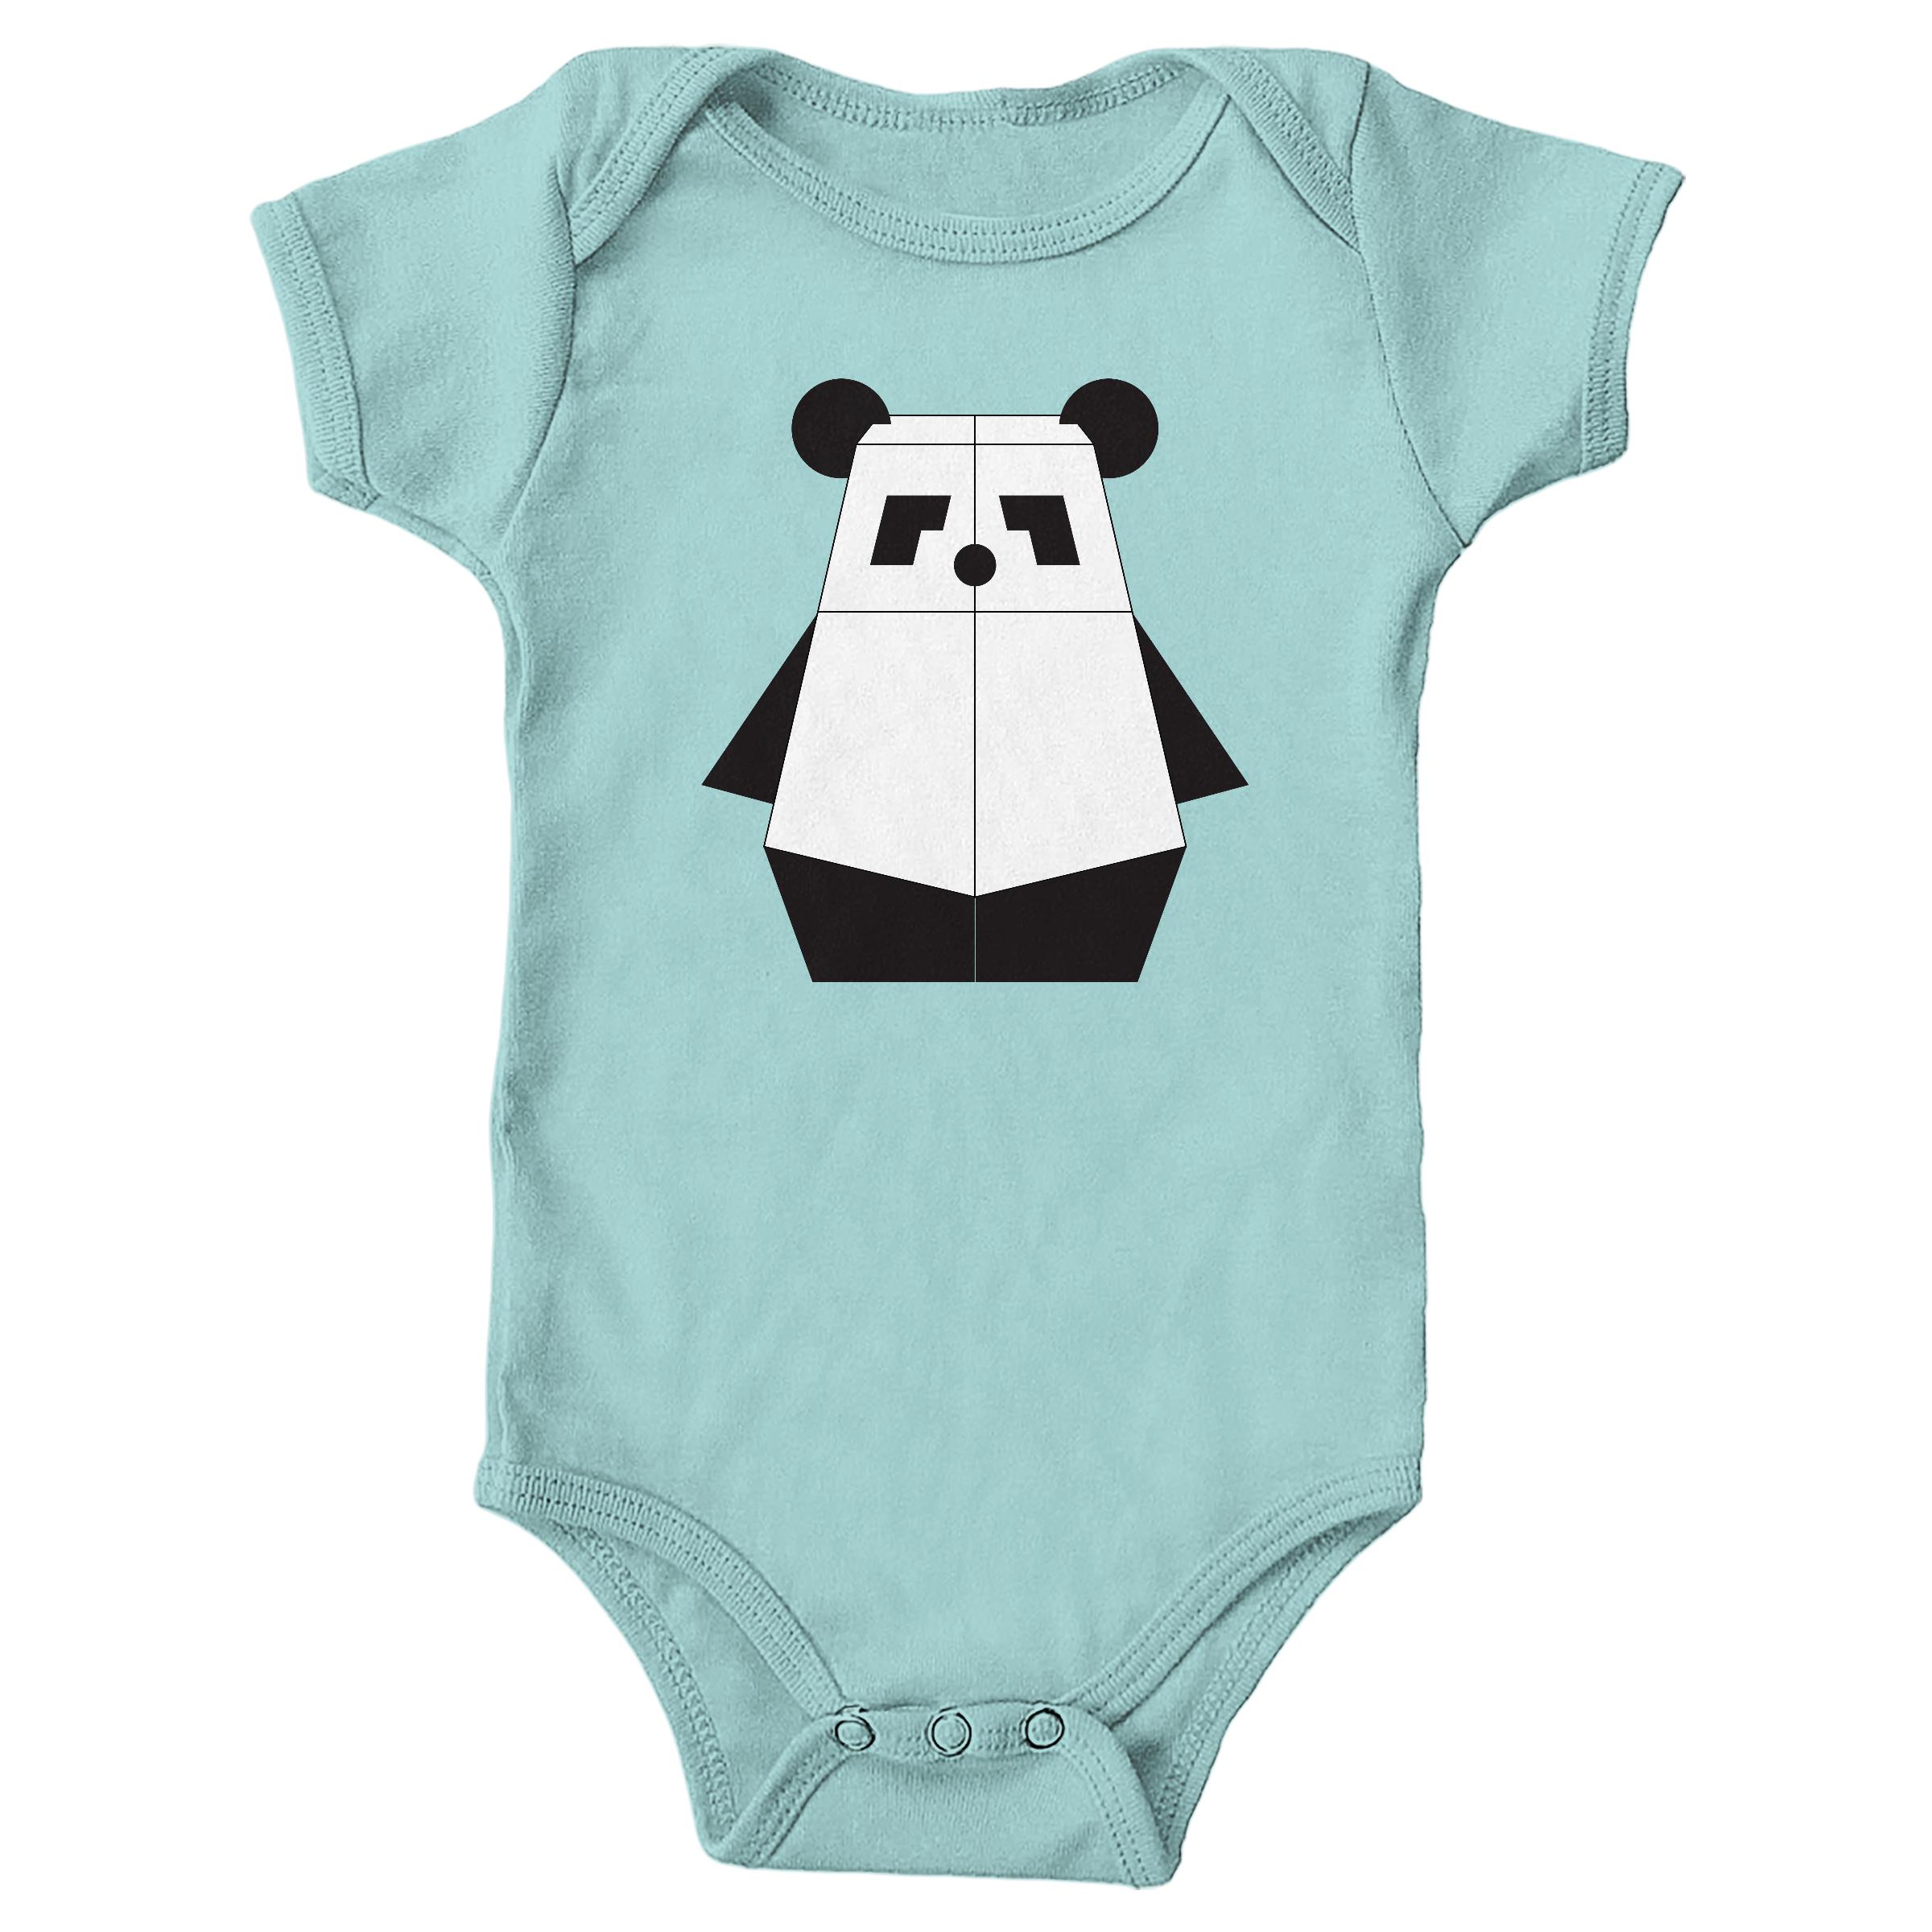 Pandabot Chill (Onesie)